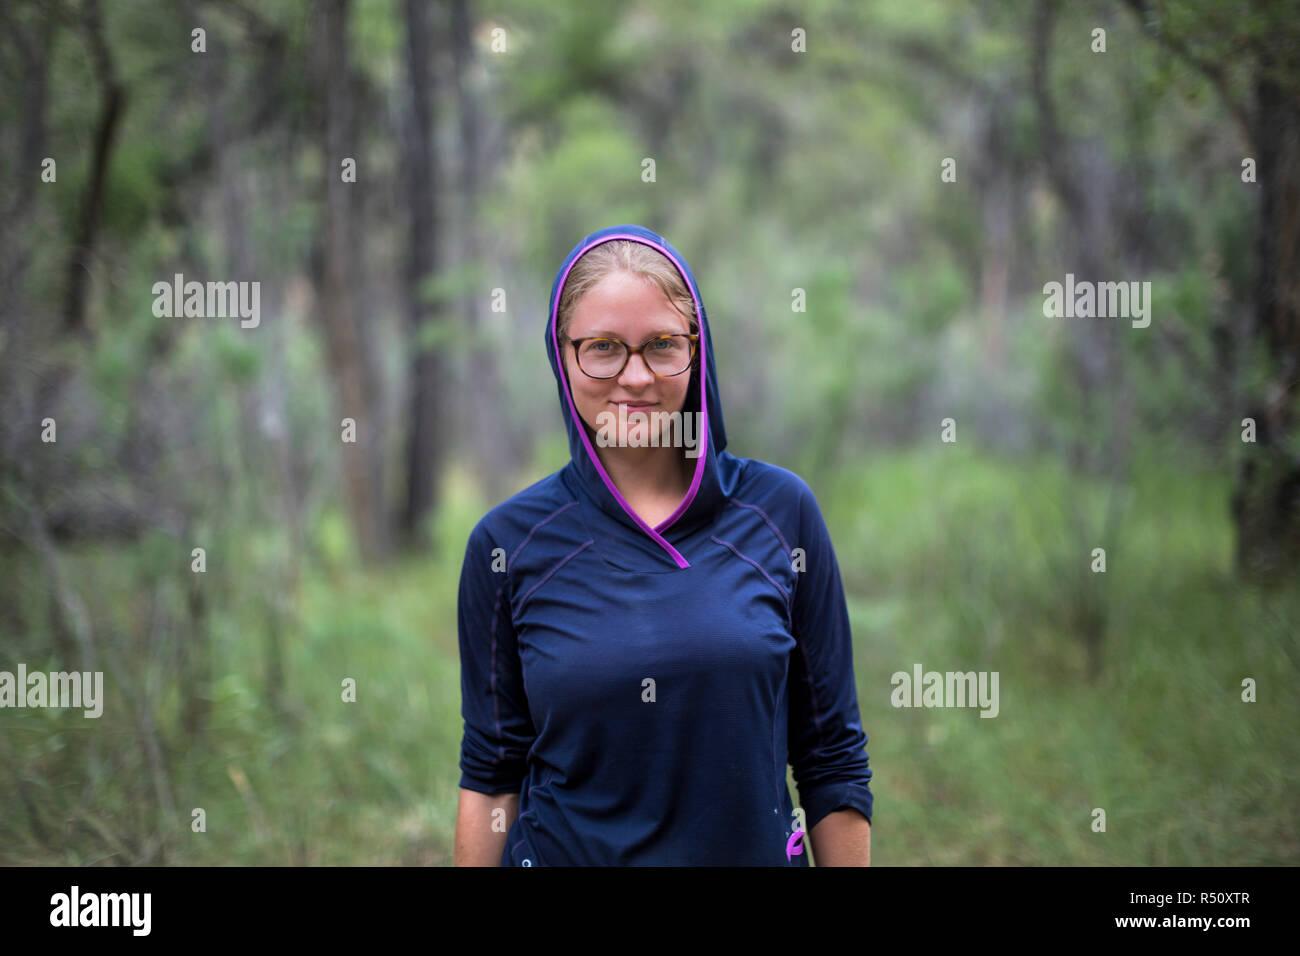 Vista frontale vita ritratto della zattera femmina guida blu in felpa con cappuccio e occhiali in foresta Immagini Stock